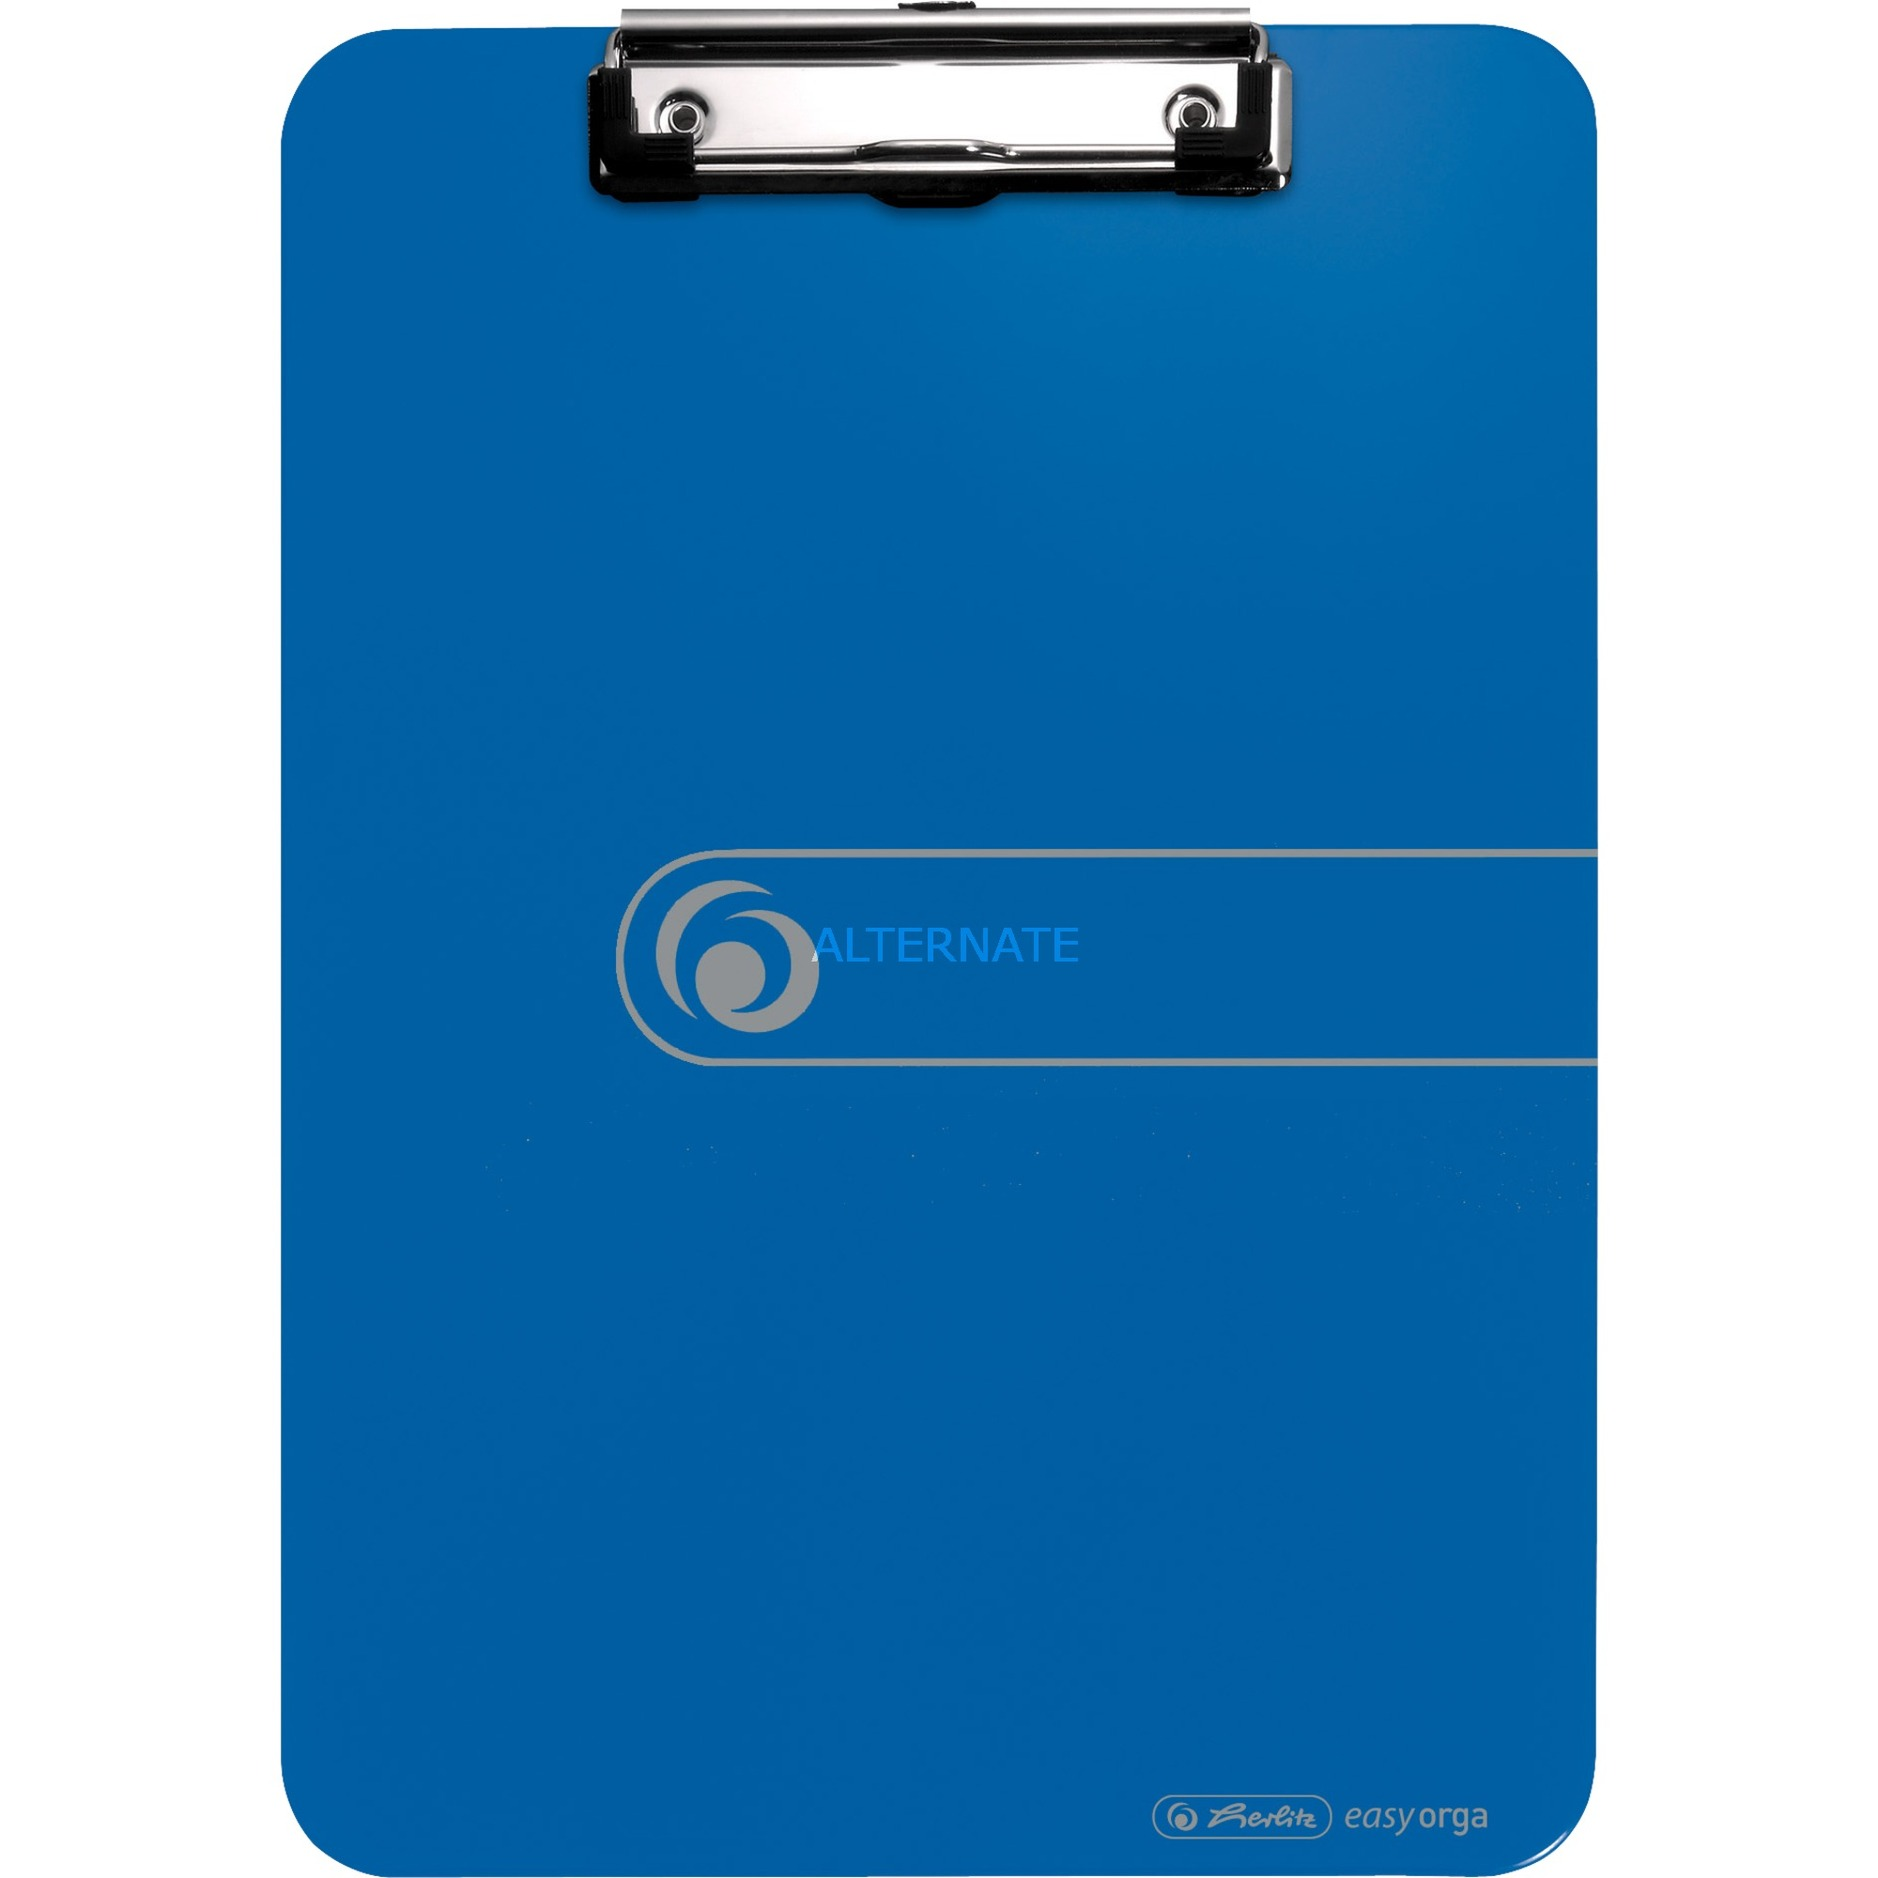 11226396 De plástico, Poliestireno Azul portapapel, Tablero de bornes